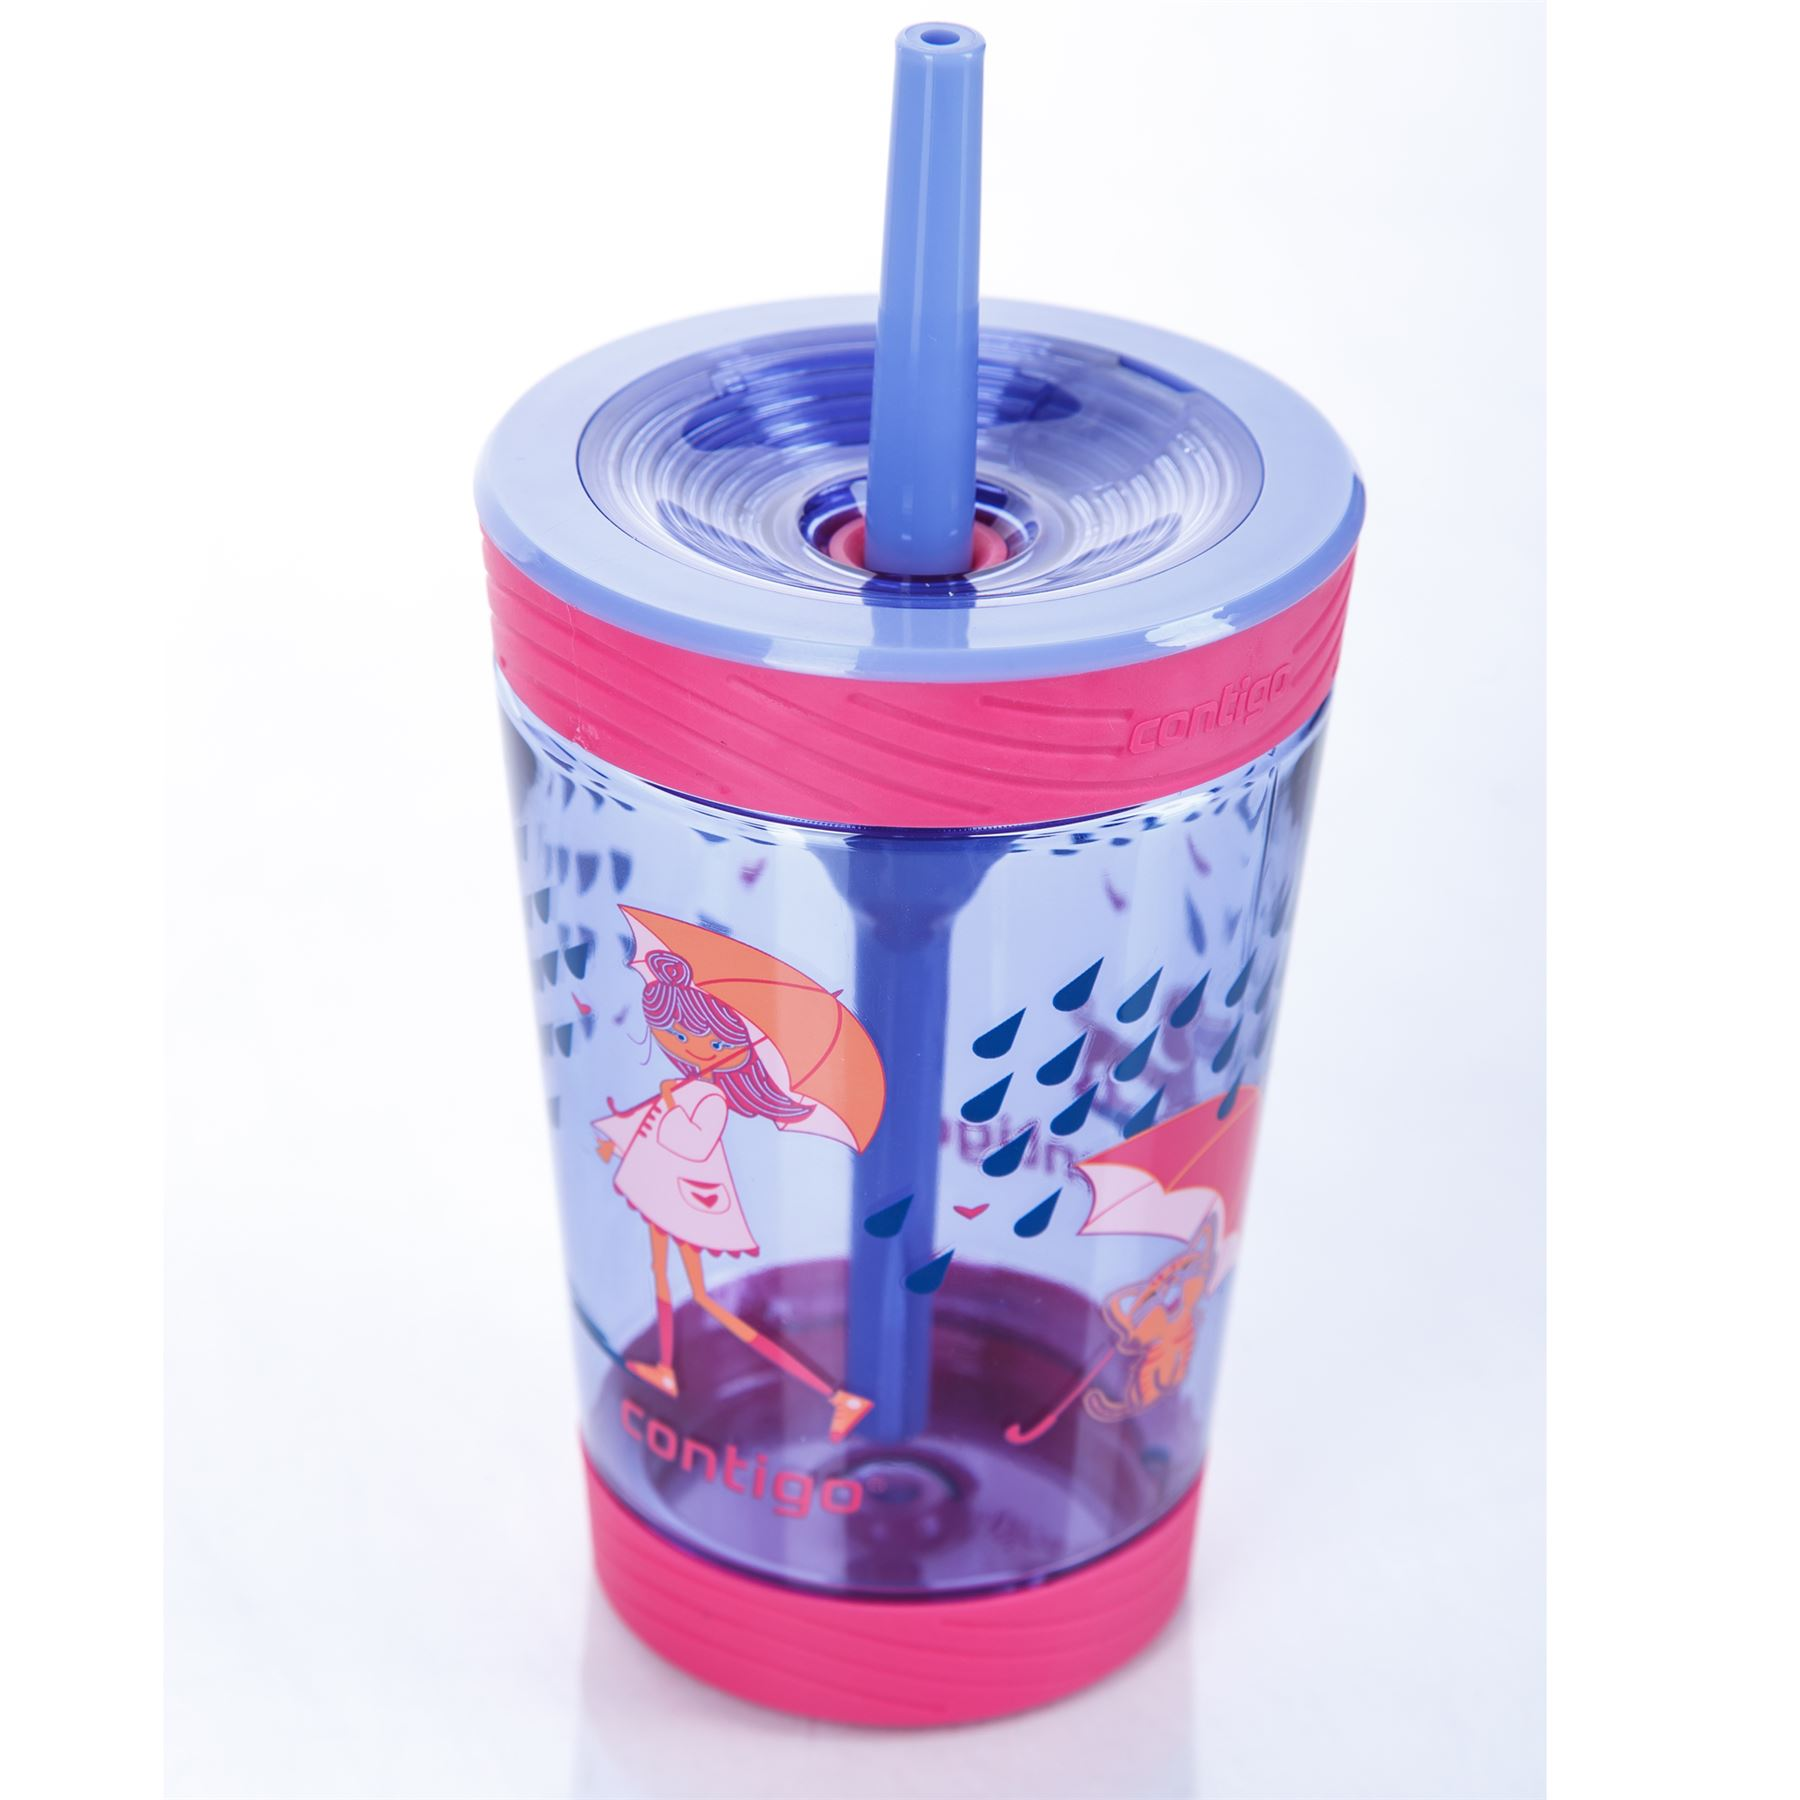 Contigo-Kids-039-Spill-Proof-Tumbler-boissons-bouteille-d-039-eau-avec-paille-BPA-Free-420-ml miniature 5